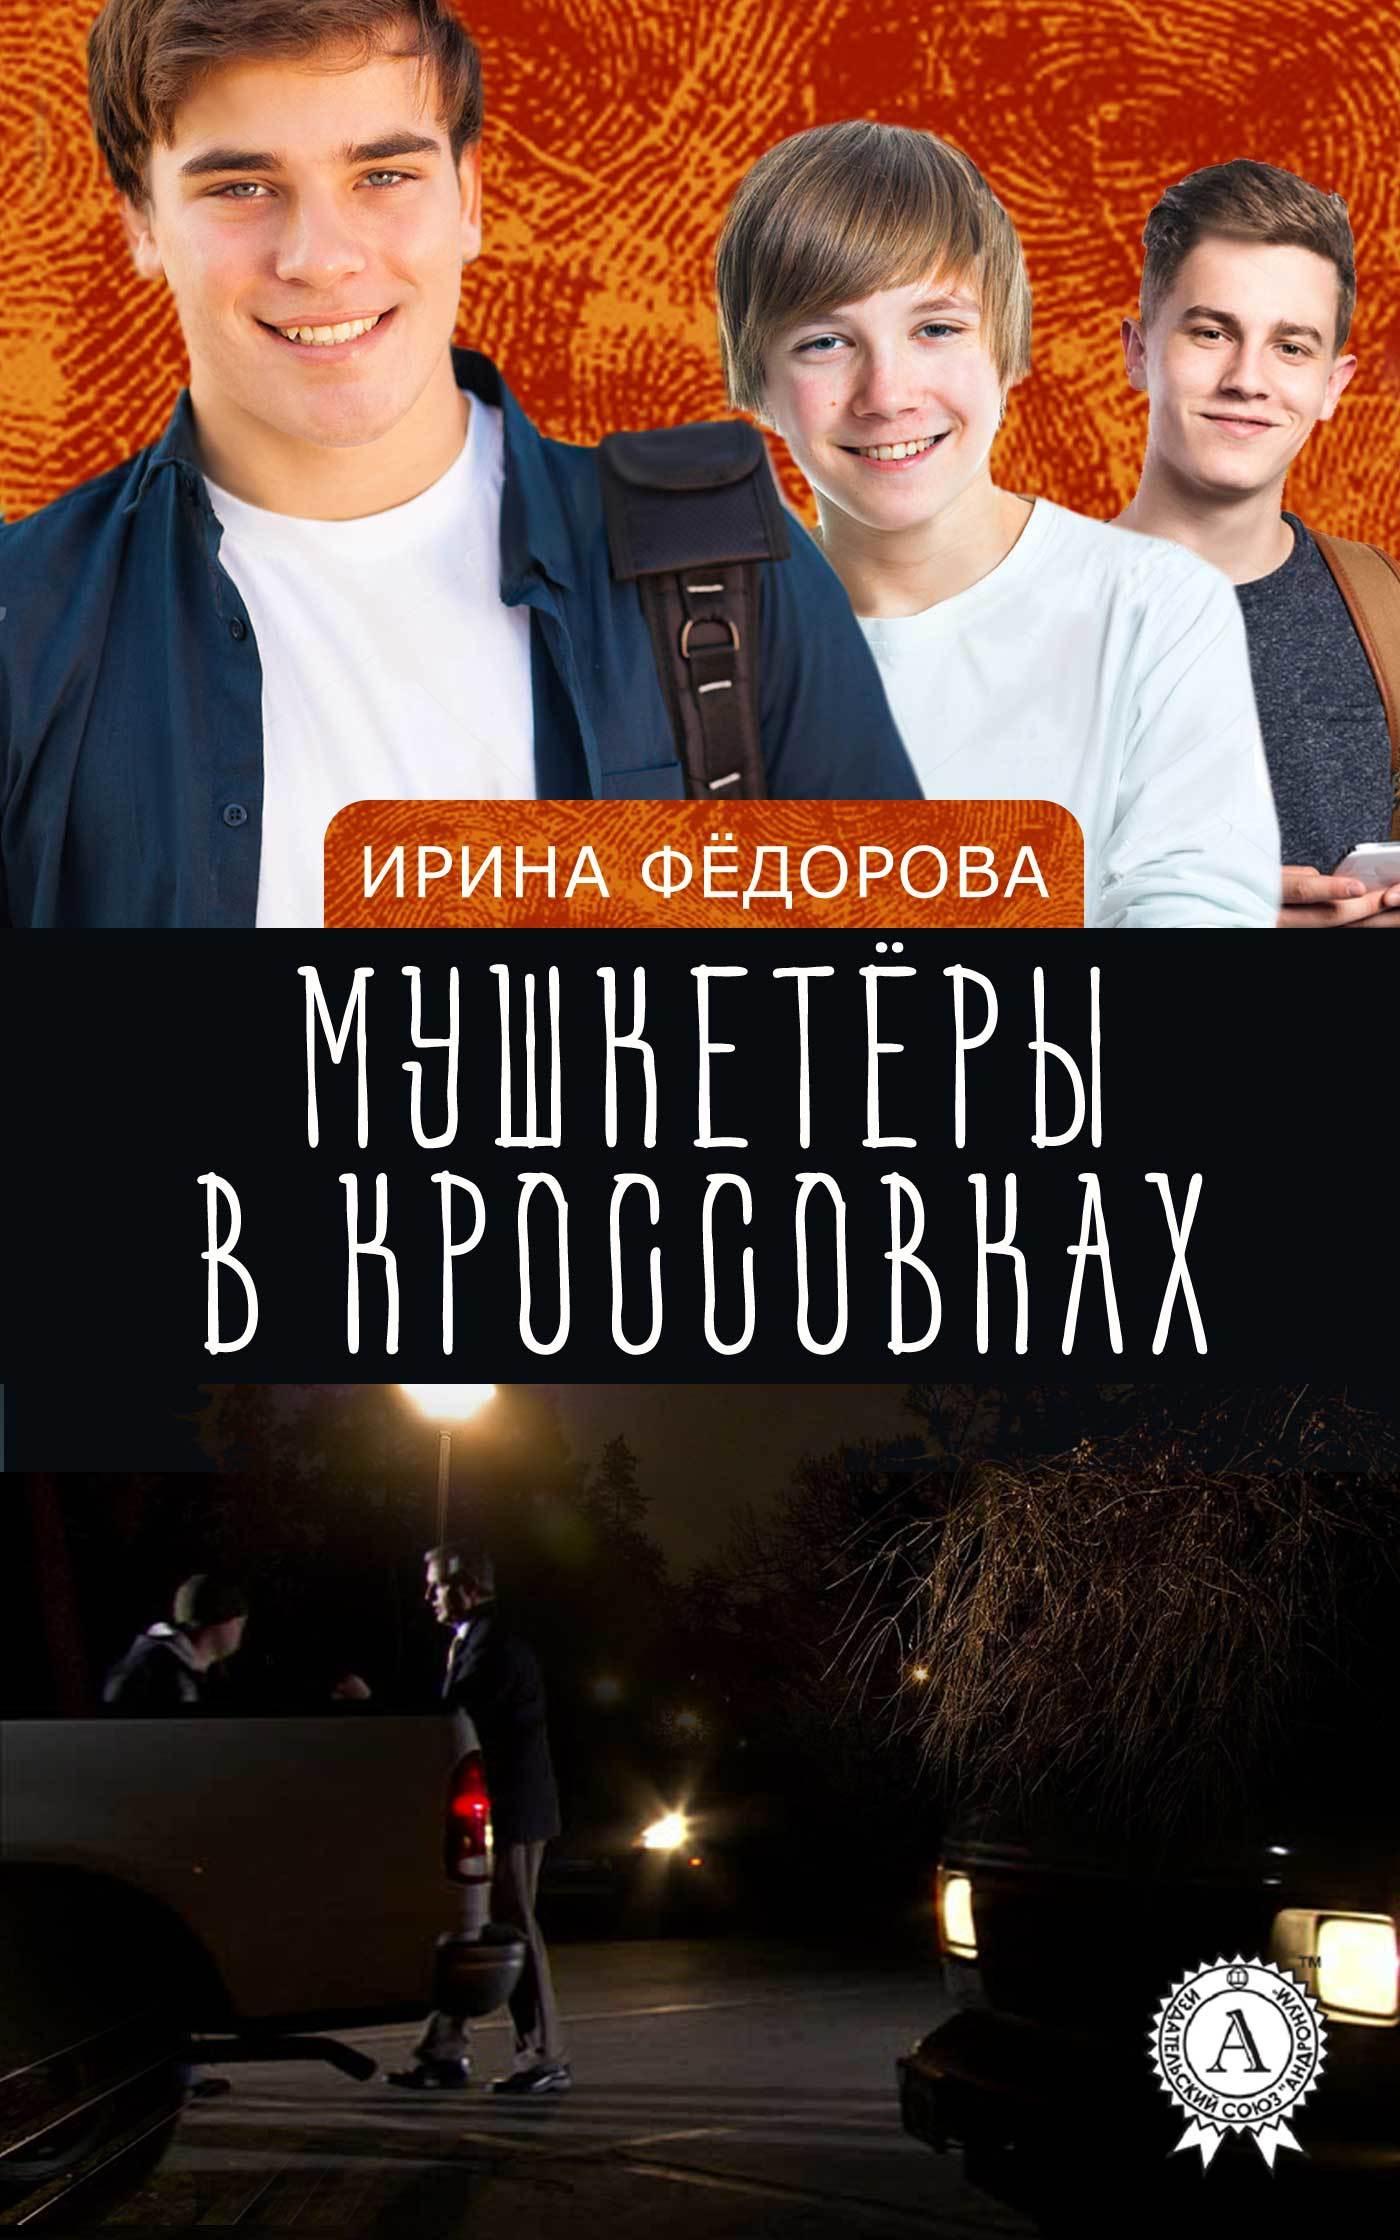 Ирина Фёдорова Мушкетёры в кроссовках